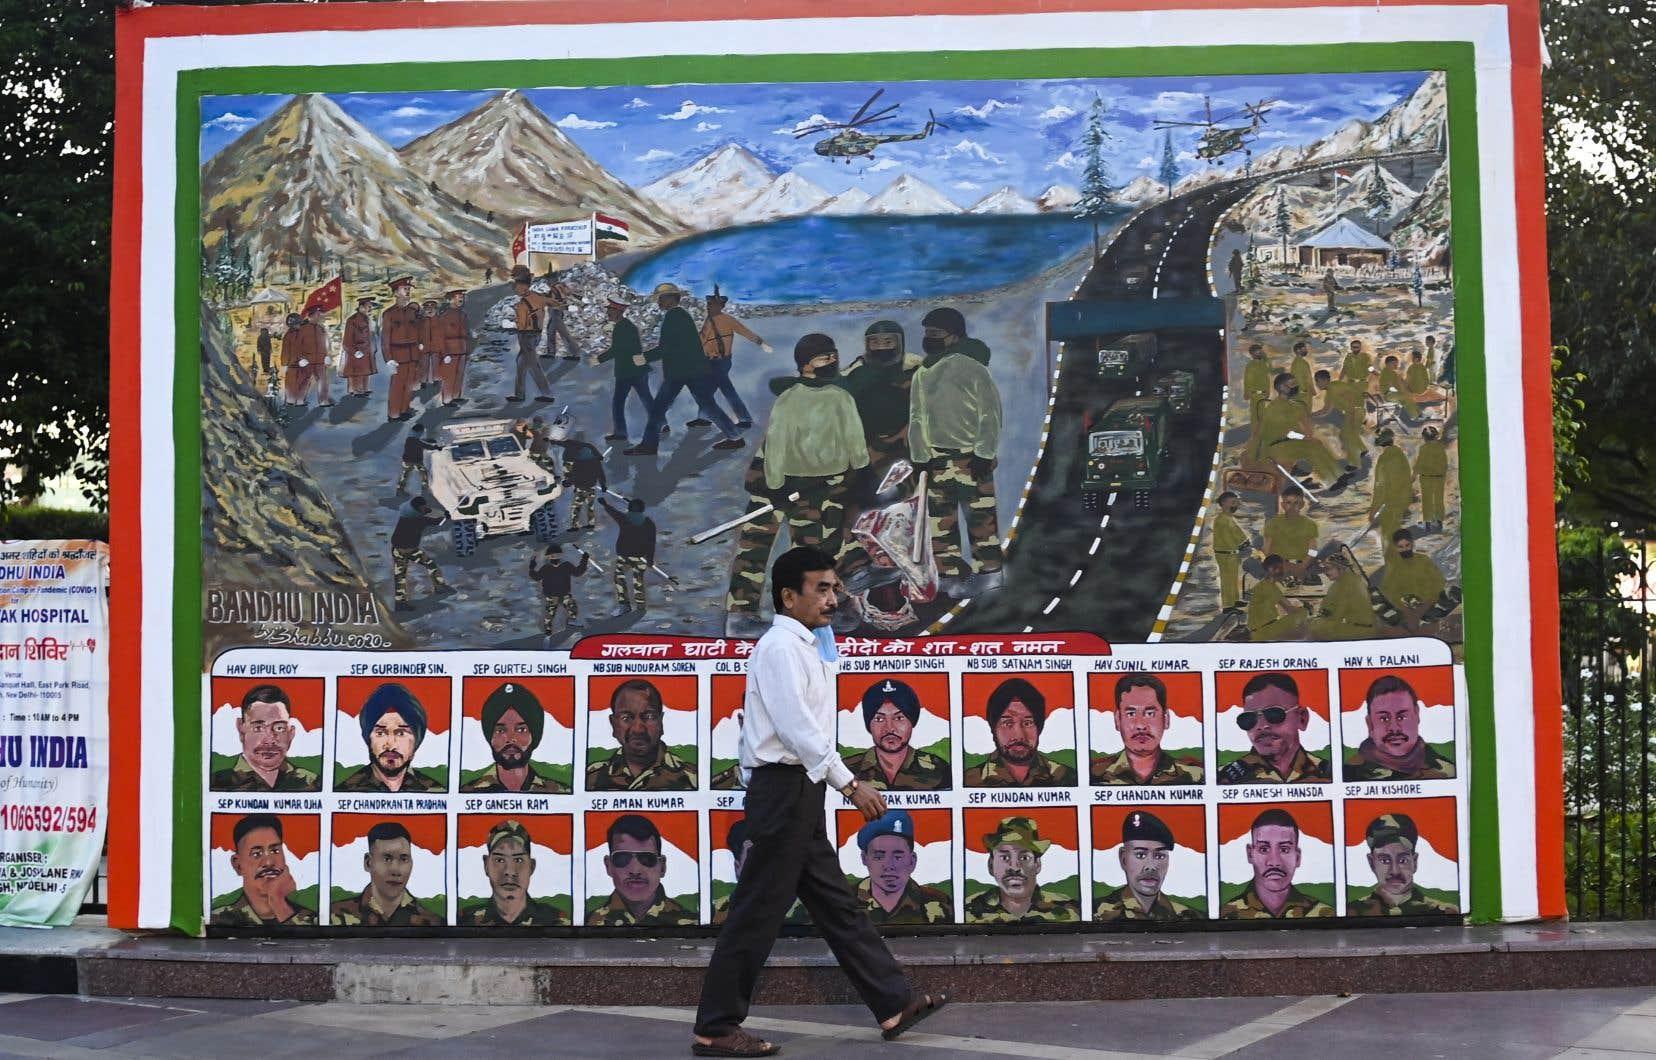 Un homme passe devant une affiche, représentant des portraits de soldats indiens tués dans un combat au corps à corps avec des soldats chinois le 15 juin dernier.